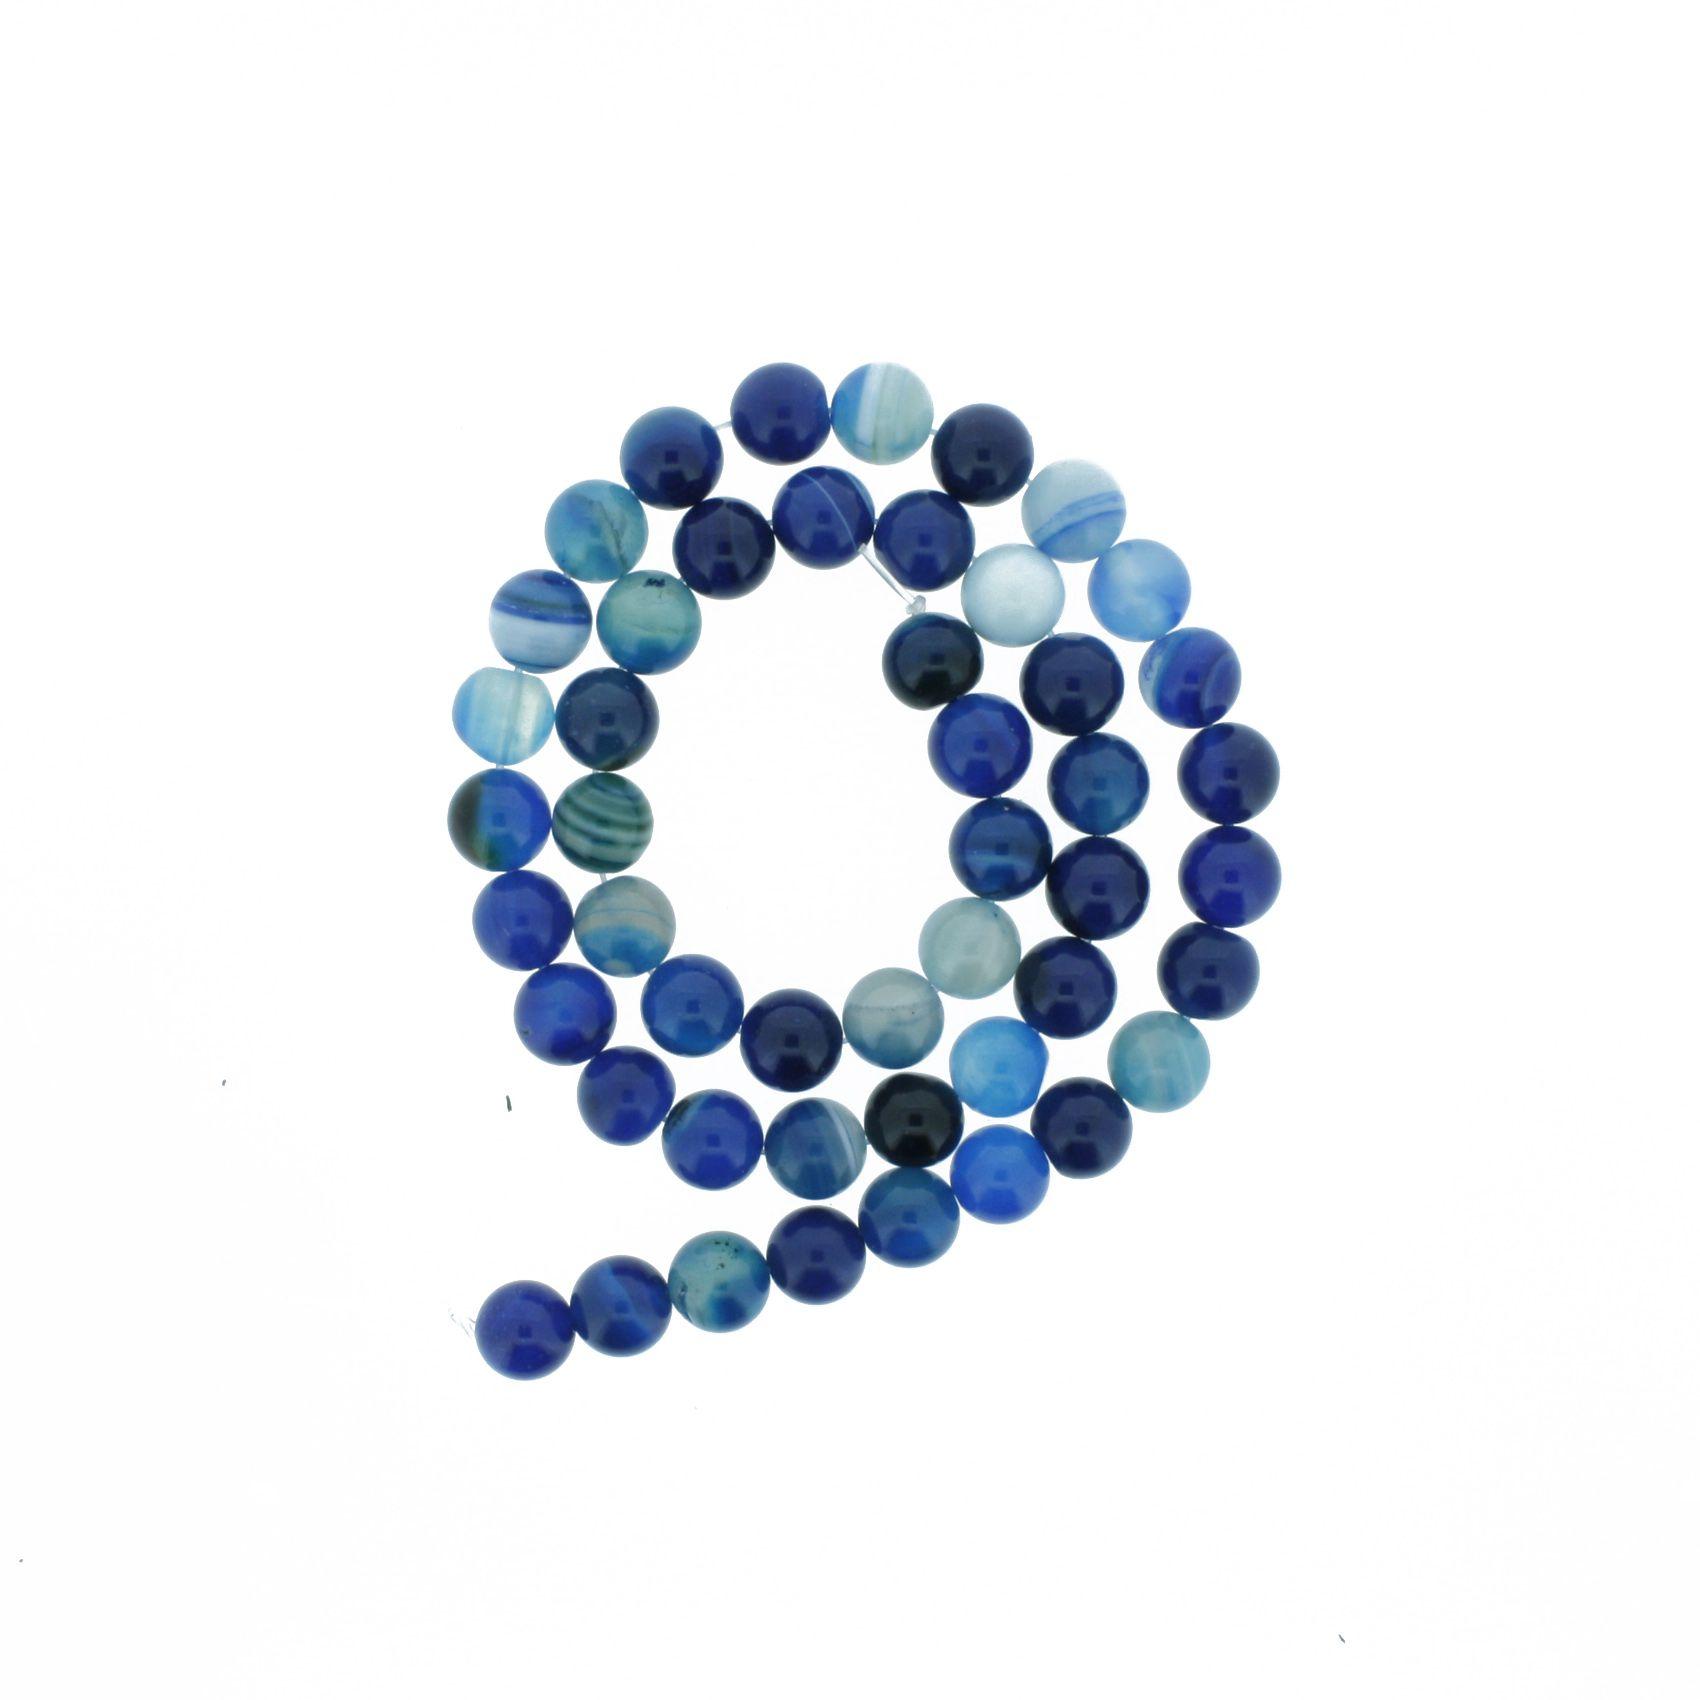 Fio de Pedra - Ágata Azul - 8mm  - Stéphanie Bijoux® - Peças para Bijuterias e Artesanato